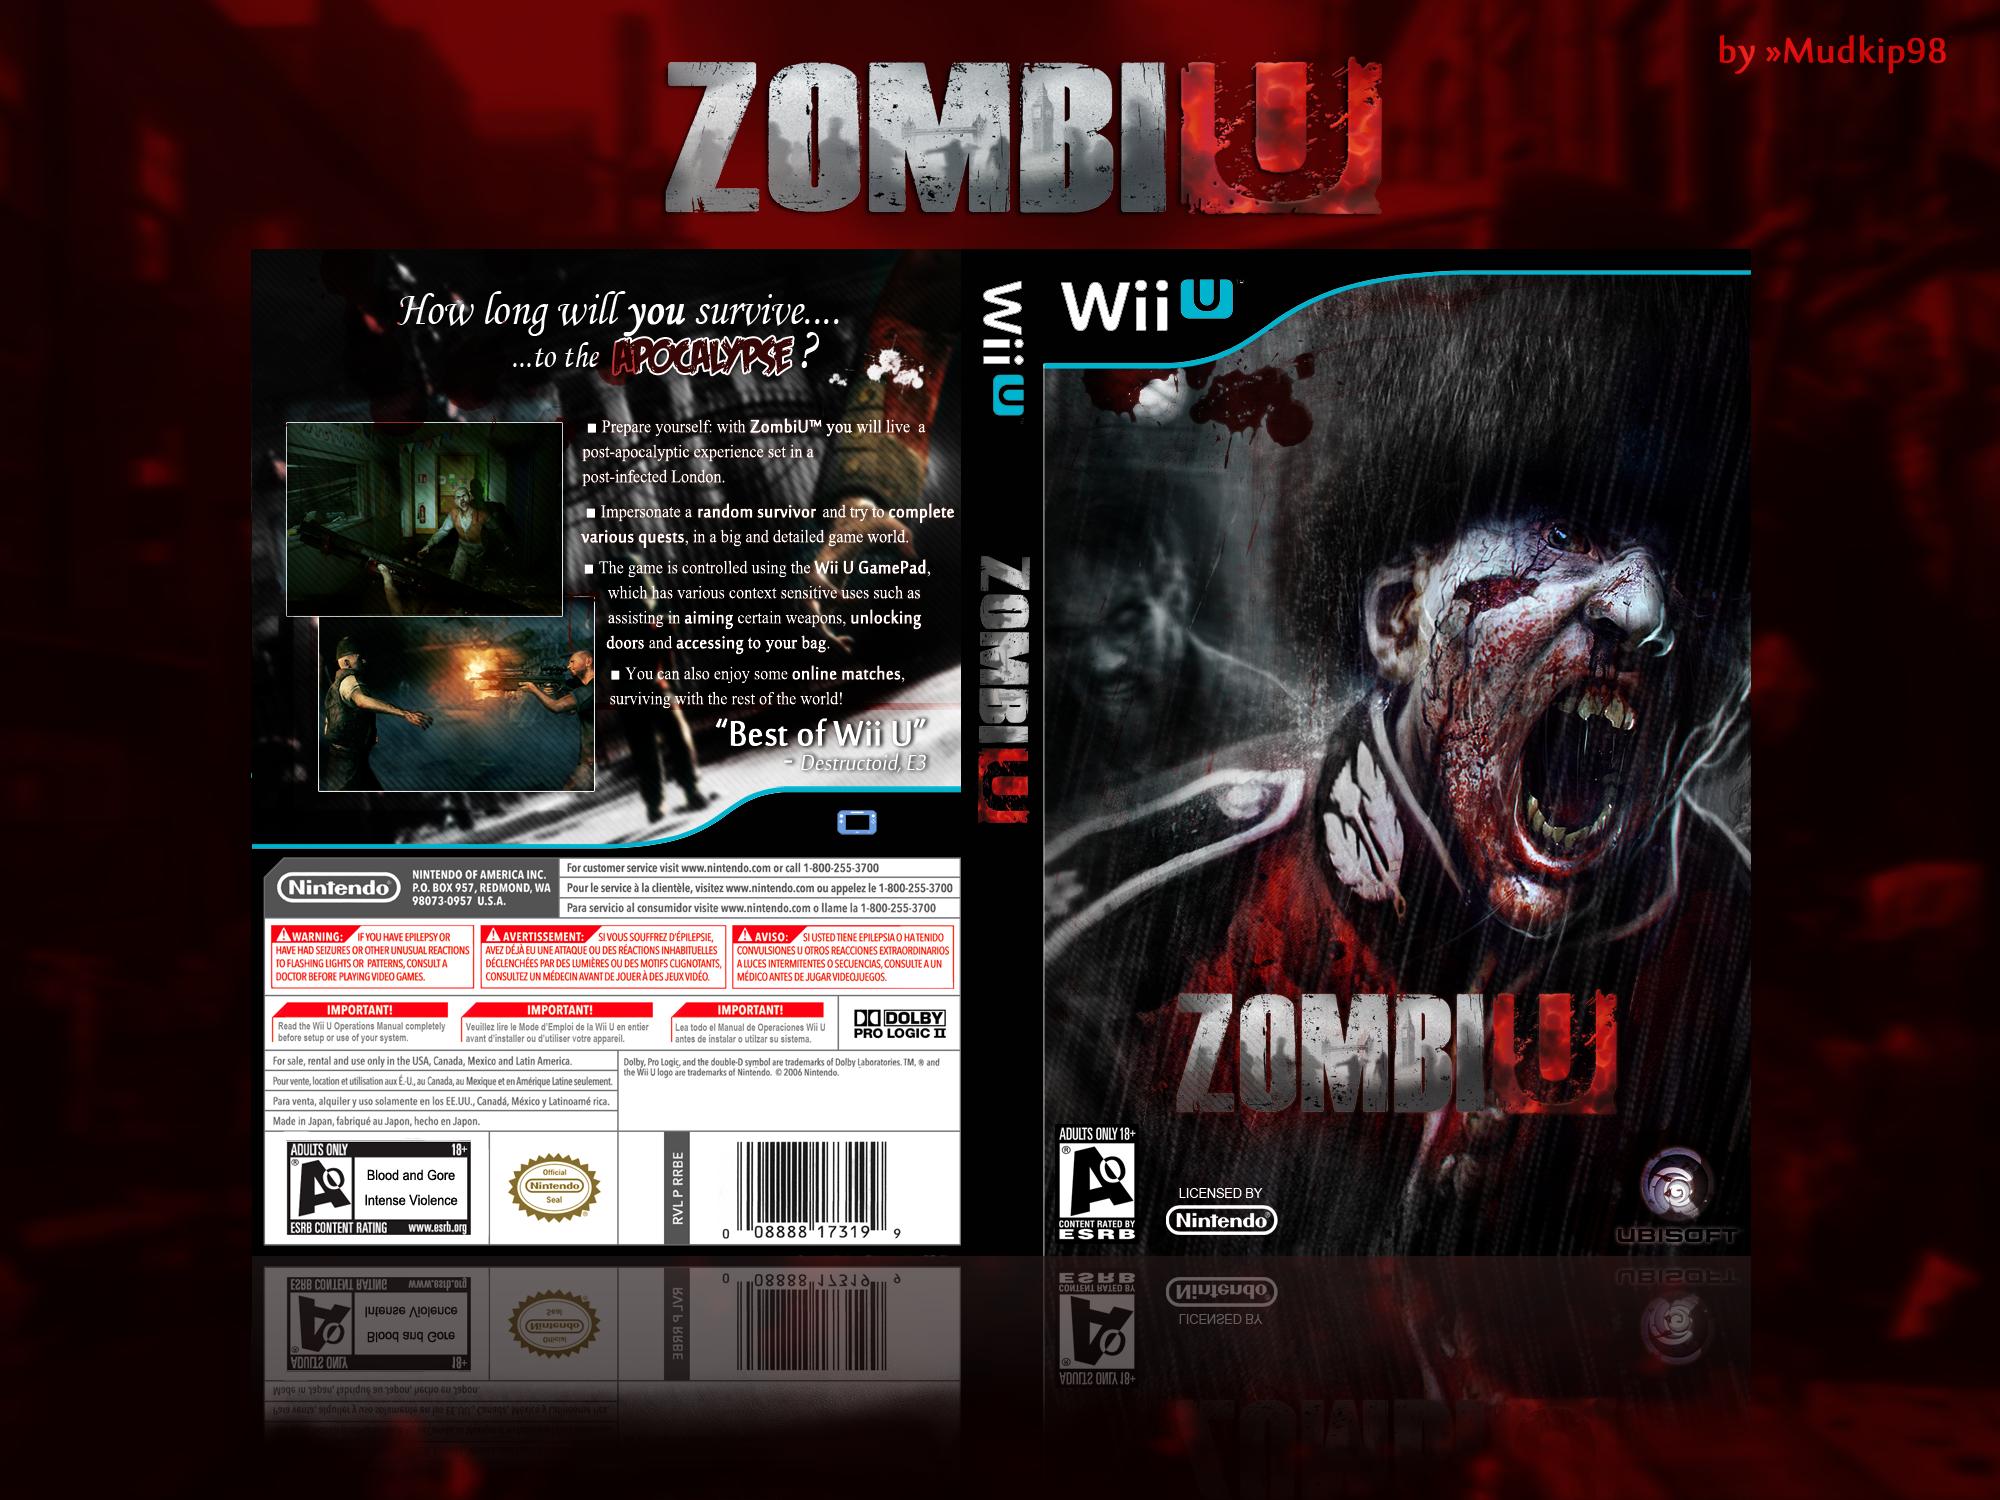 Wii U Box Art Cover